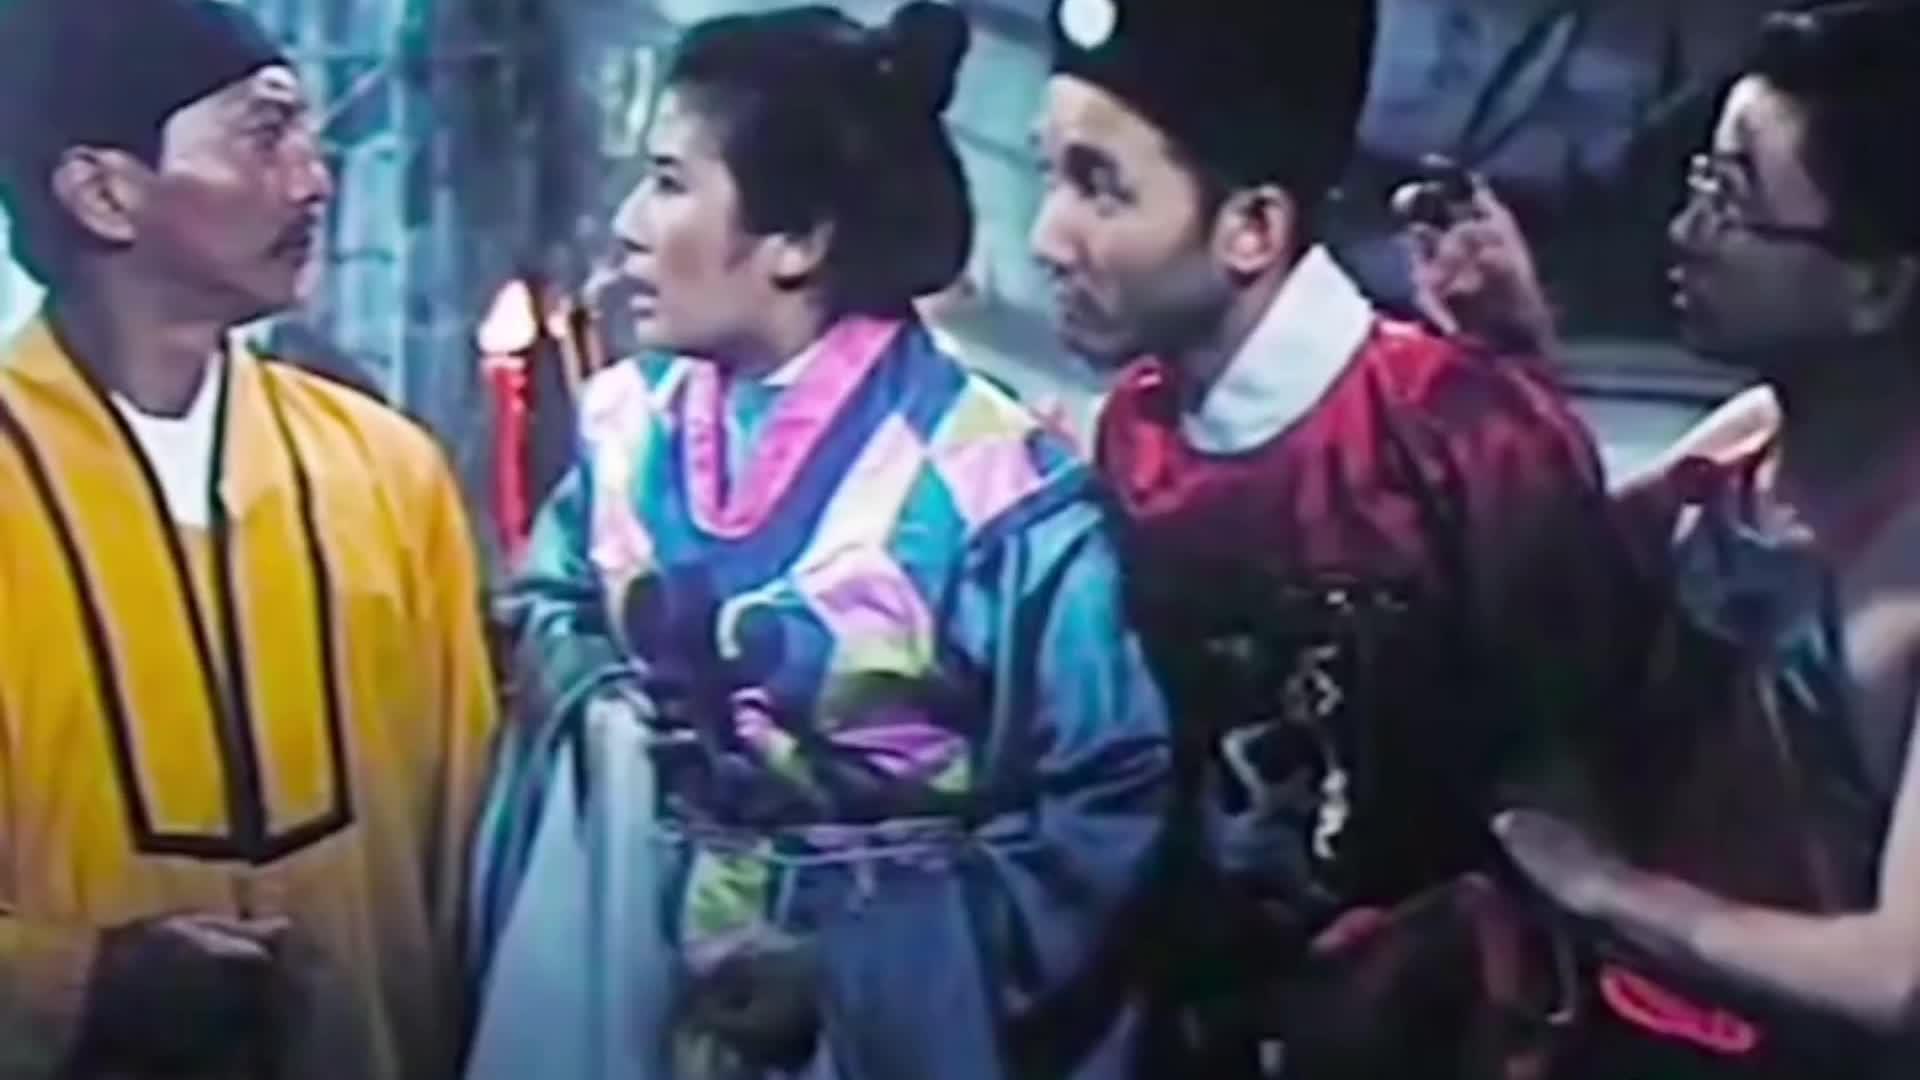 道长第一次抓鬼,到处借法宝,他能抓到鬼吗 #香港灵幻电影